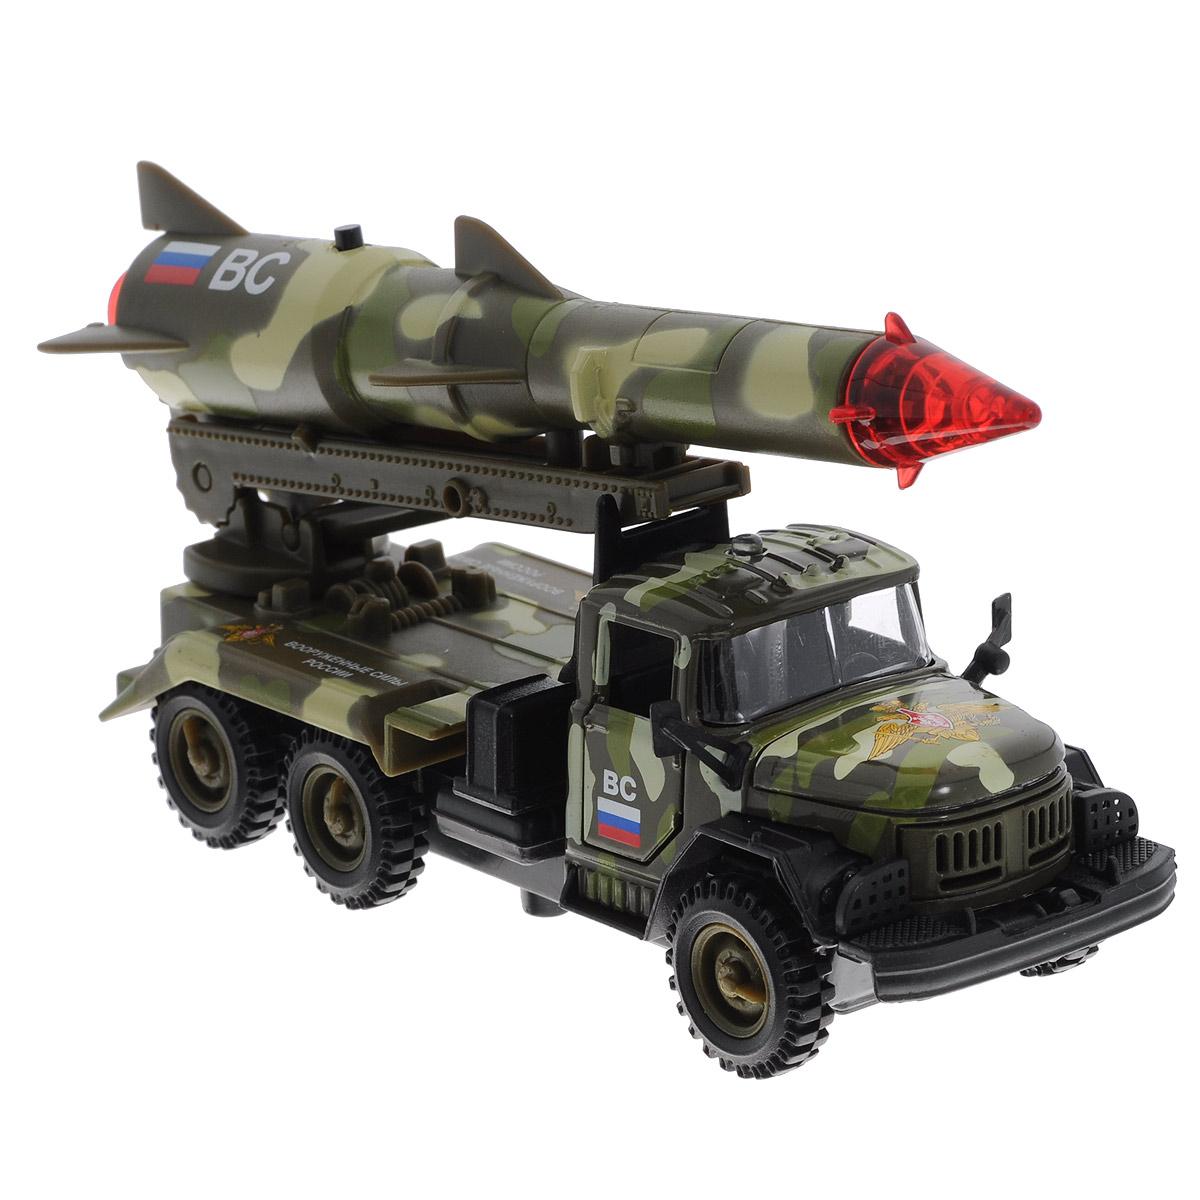 ТехноПарк Машинка инерционная ЗИЛ 131 с ракетой цвет камуфляжныйCT10-001-R-3Инерционная машинка ТехноПарк ЗИЛ 131 с ракетой, выполненная из пластика и металла, станет любимой игрушкой вашего малыша. Игрушка представляет собой модель военного автомобиля ЗИЛ 131, оснащенную подвижной пусковой установкой с ракетой. Дверцы кабины и капот открываются. При нажатии кнопки на ракете боеголовка начинает мигать, при этом слышны звуки стрельбы и команды военных. Игрушка оснащена инерционным ходом. Машинку необходимо отвести назад, затем отпустить - и она быстро поедет вперед. Прорезиненные колеса обеспечивают надежное сцепление с любой гладкой поверхностью. Ваш ребенок будет часами играть с этой машинкой, придумывая различные истории. Порадуйте его таким замечательным подарком! Машинка работает от батареек (товар комплектуется демонстрационными).